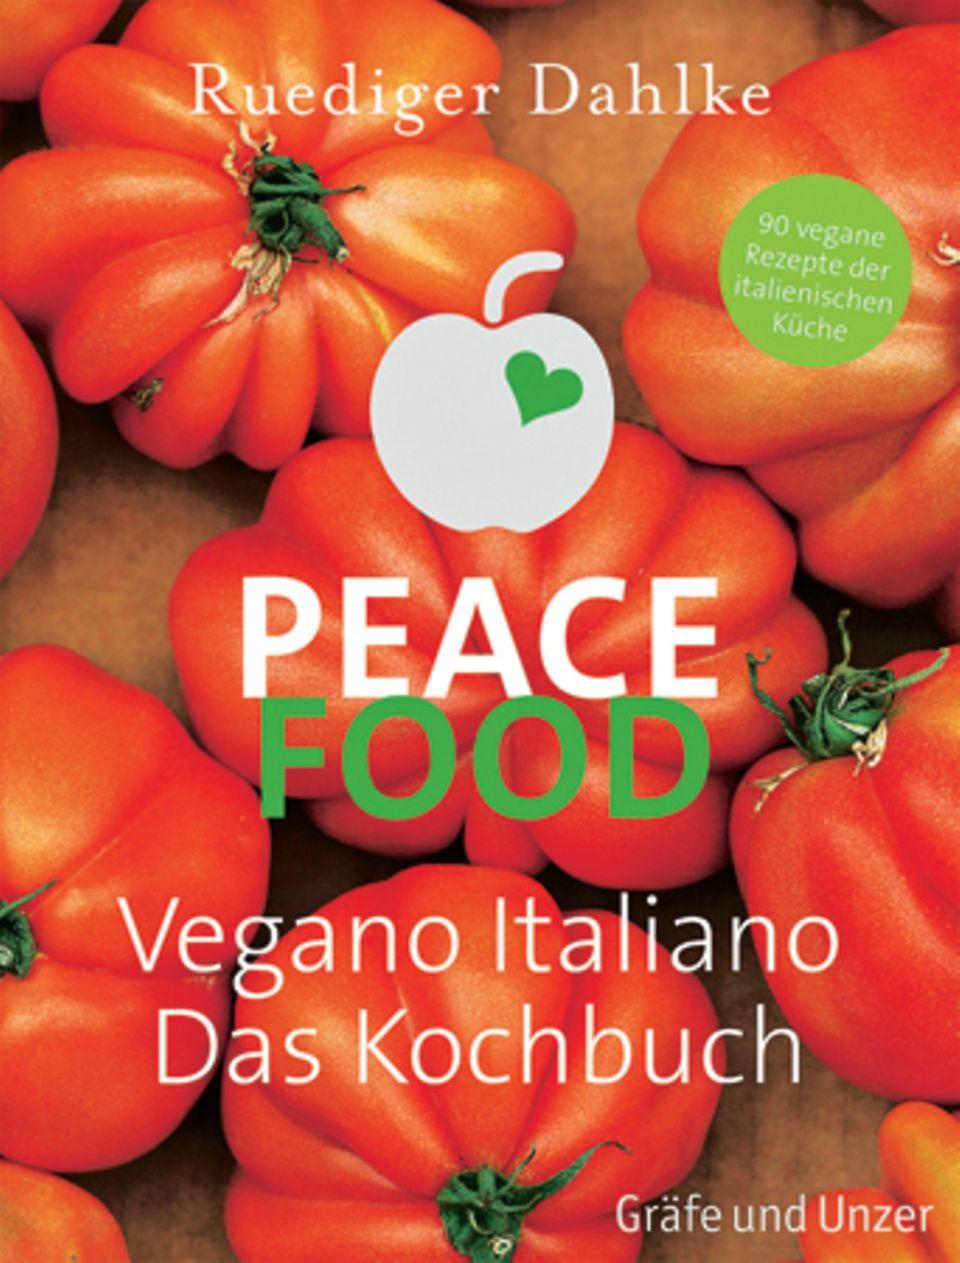 """Ruediger Dahlkes neues Buch zeigt mit farbenfrohen und schmackhaften Rezepten, dass mediterrane Küche spielend ohne tierische Zutaten auskommt: """"Catalogna"""" und """"Sizilianische Mandelsoße"""" sind angesagt. (""""Peace Food – Vegano Italiano"""", GU Verlag, 192 S., 19,90 Euro)"""